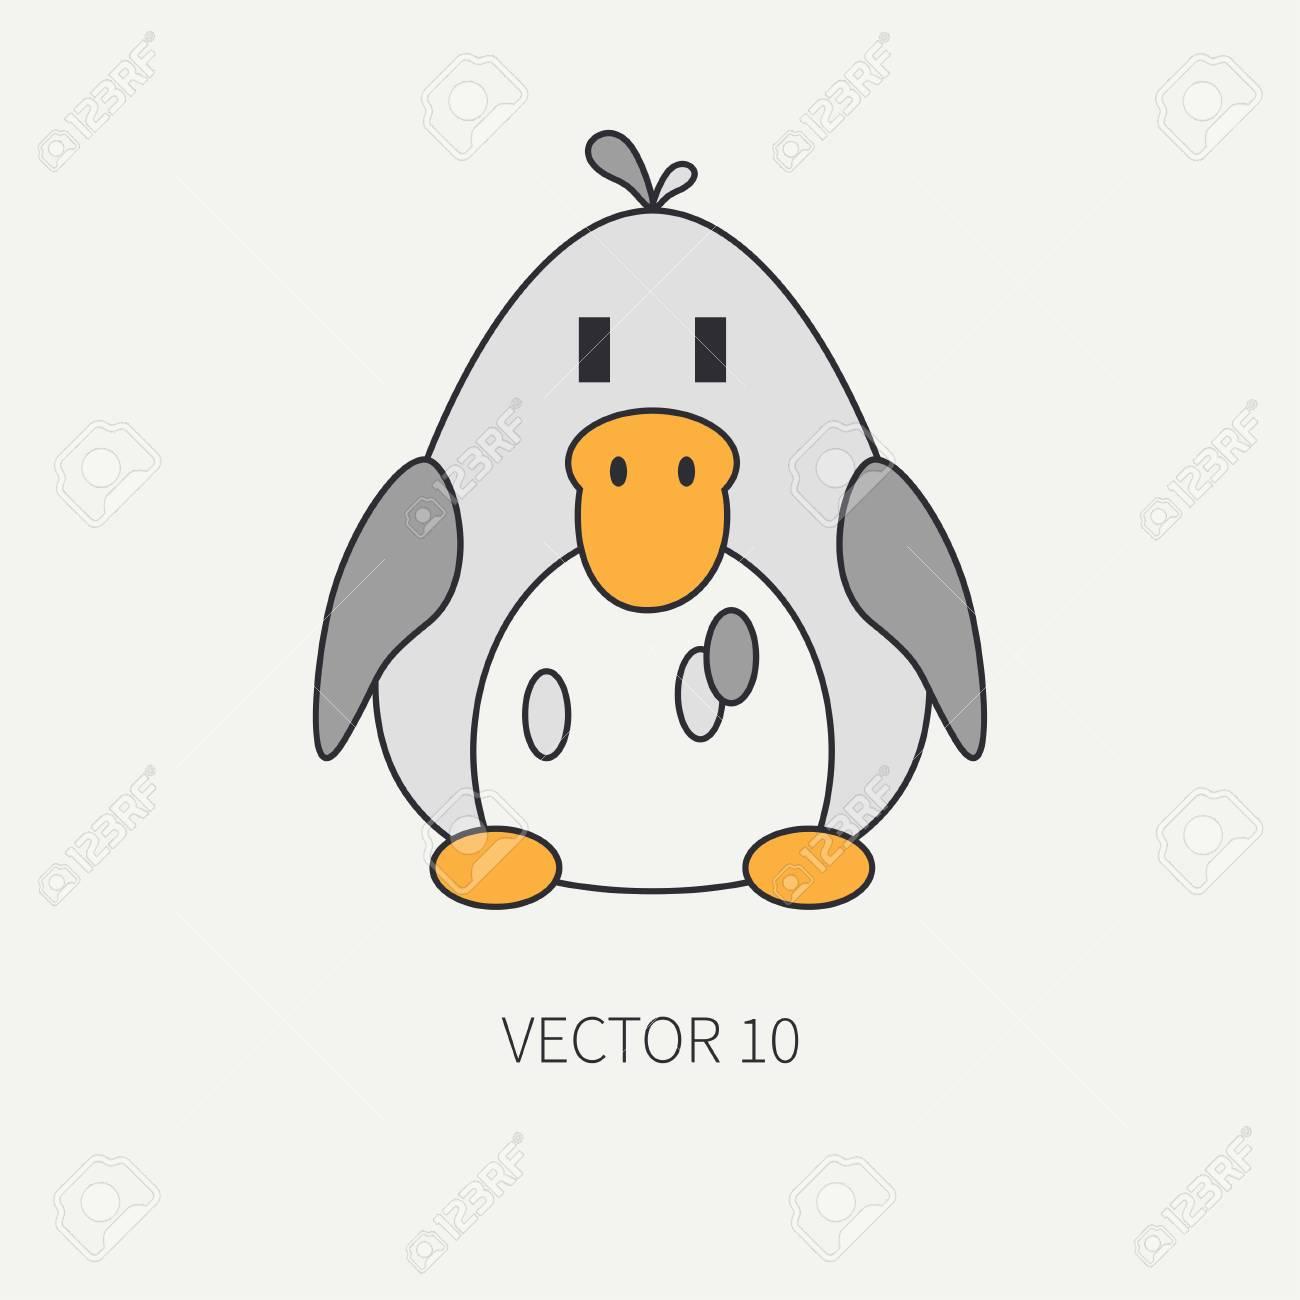 Icono De Vector De Color De Linea Plana Con Lindo Animal Para